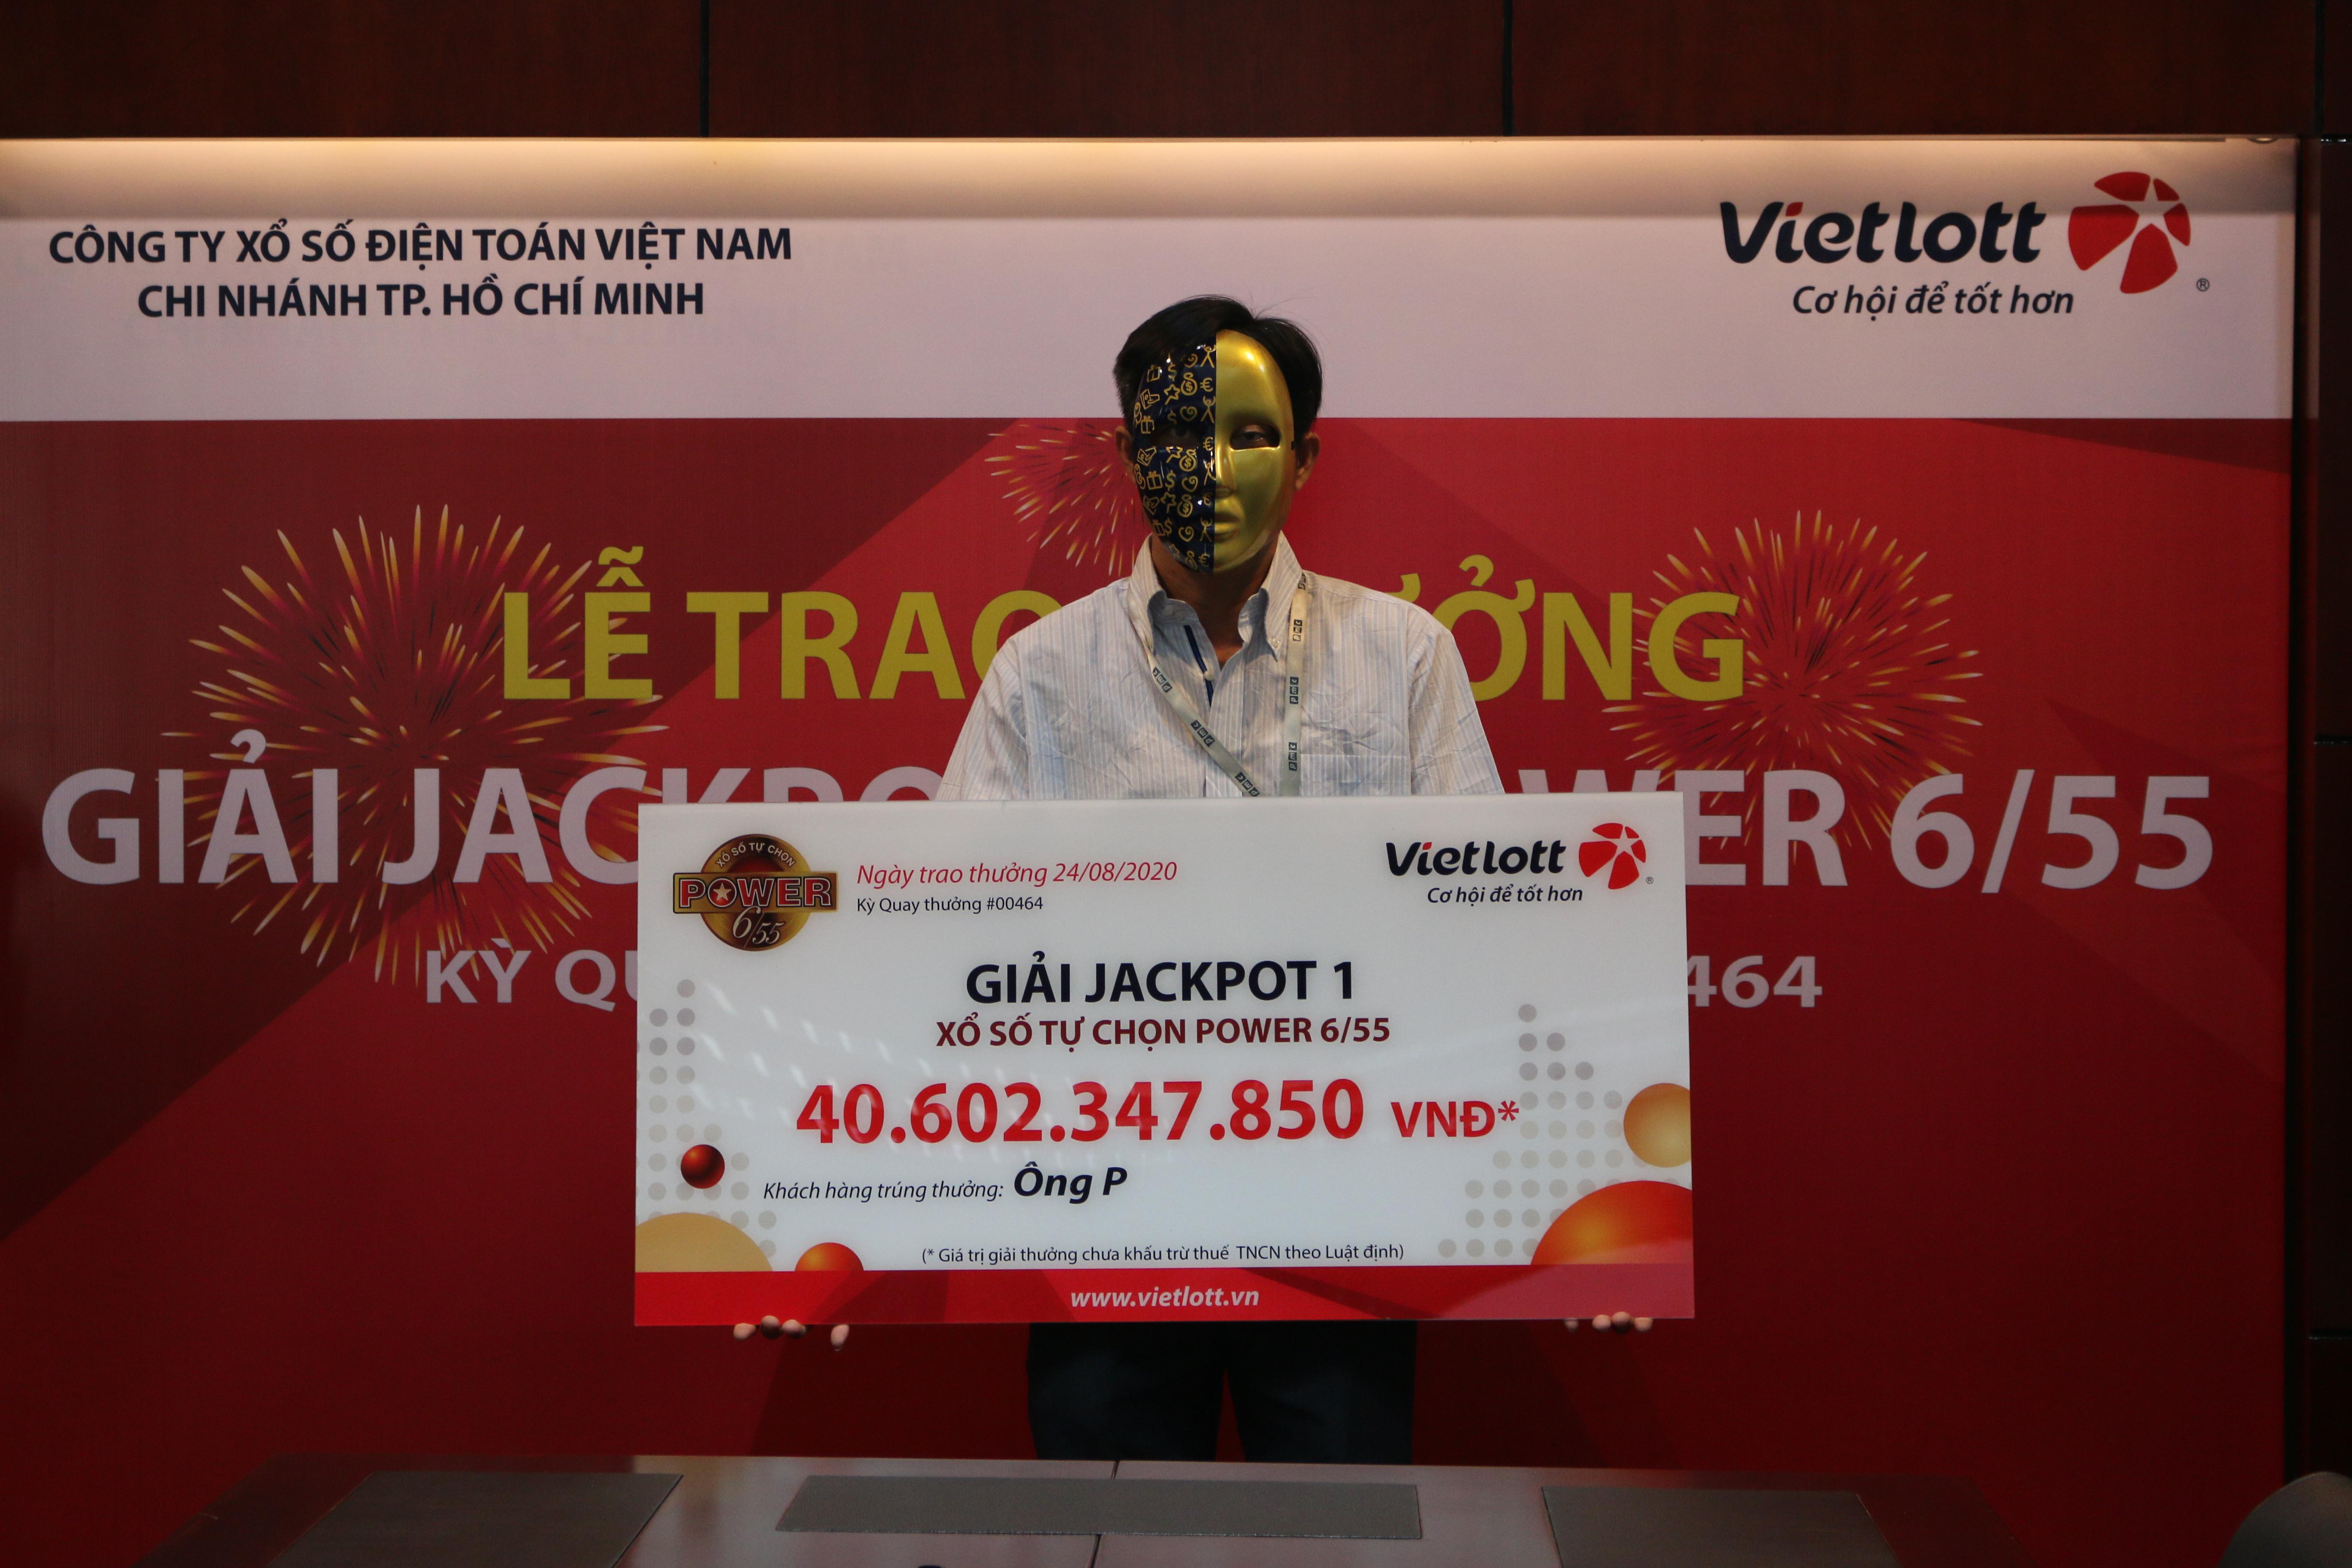 Người chơi trúng Jackpot hơn 40 tỷ từ thiện 400 triệu